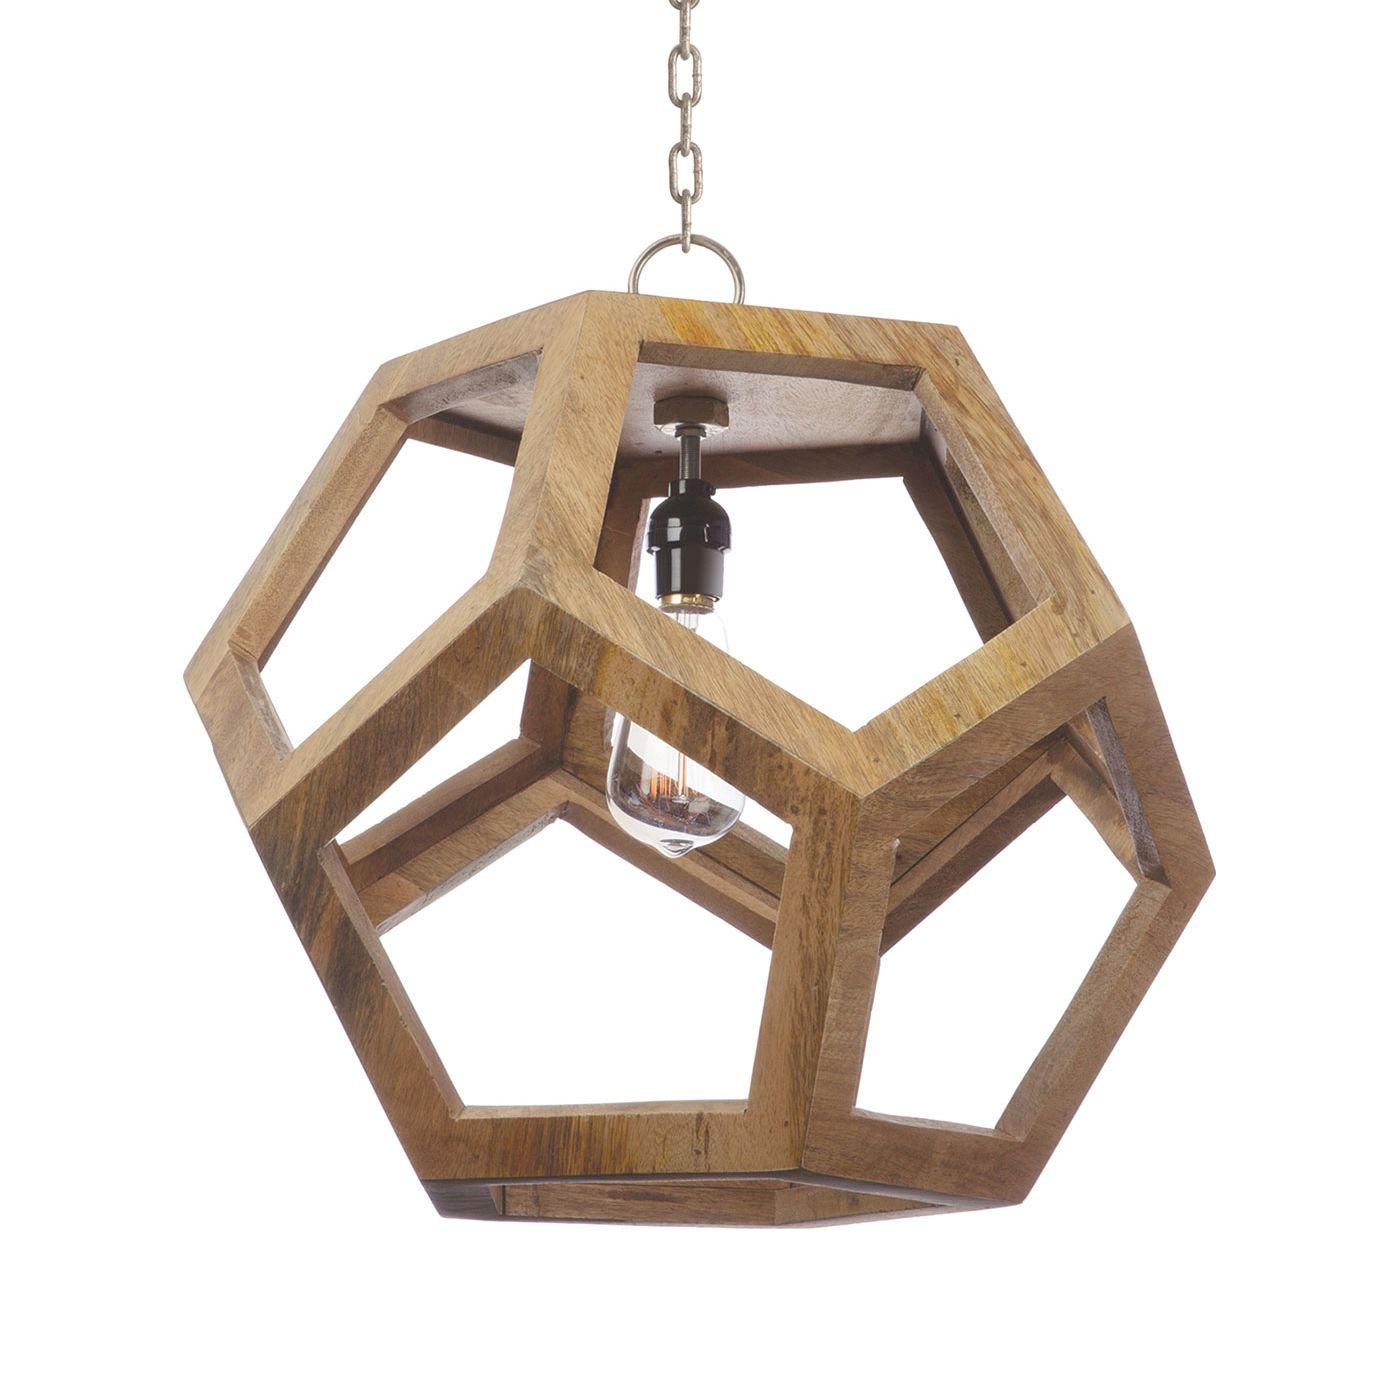 Hexa hive pendant light lighting pinterest pendants pendant